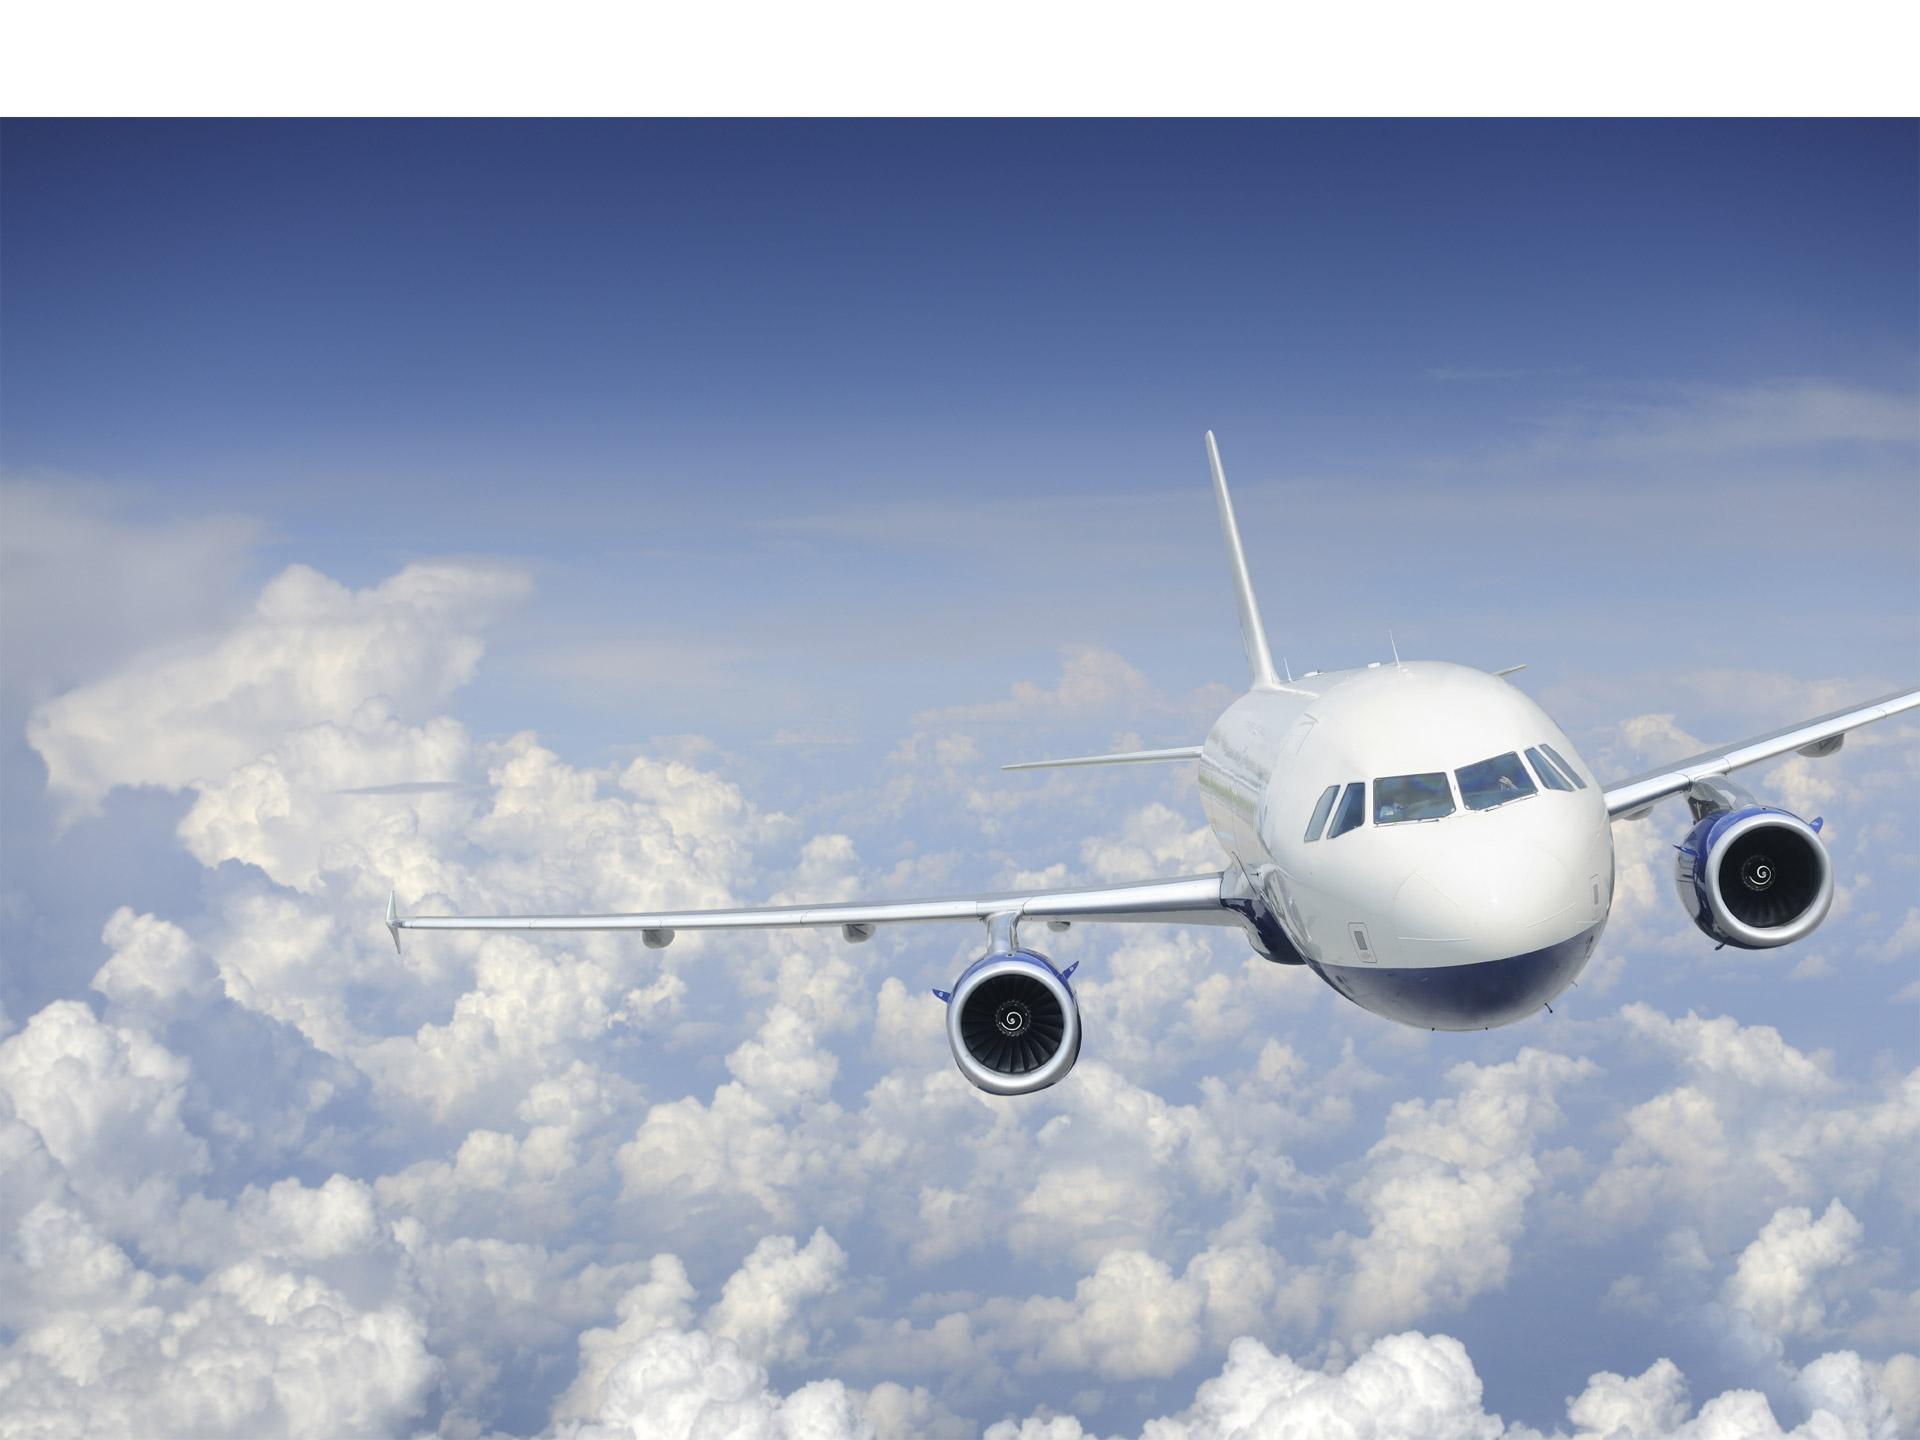 El vuelo iba sobre el mar Mediterráneo y el individuo intentó abrir las puertas de emergencia